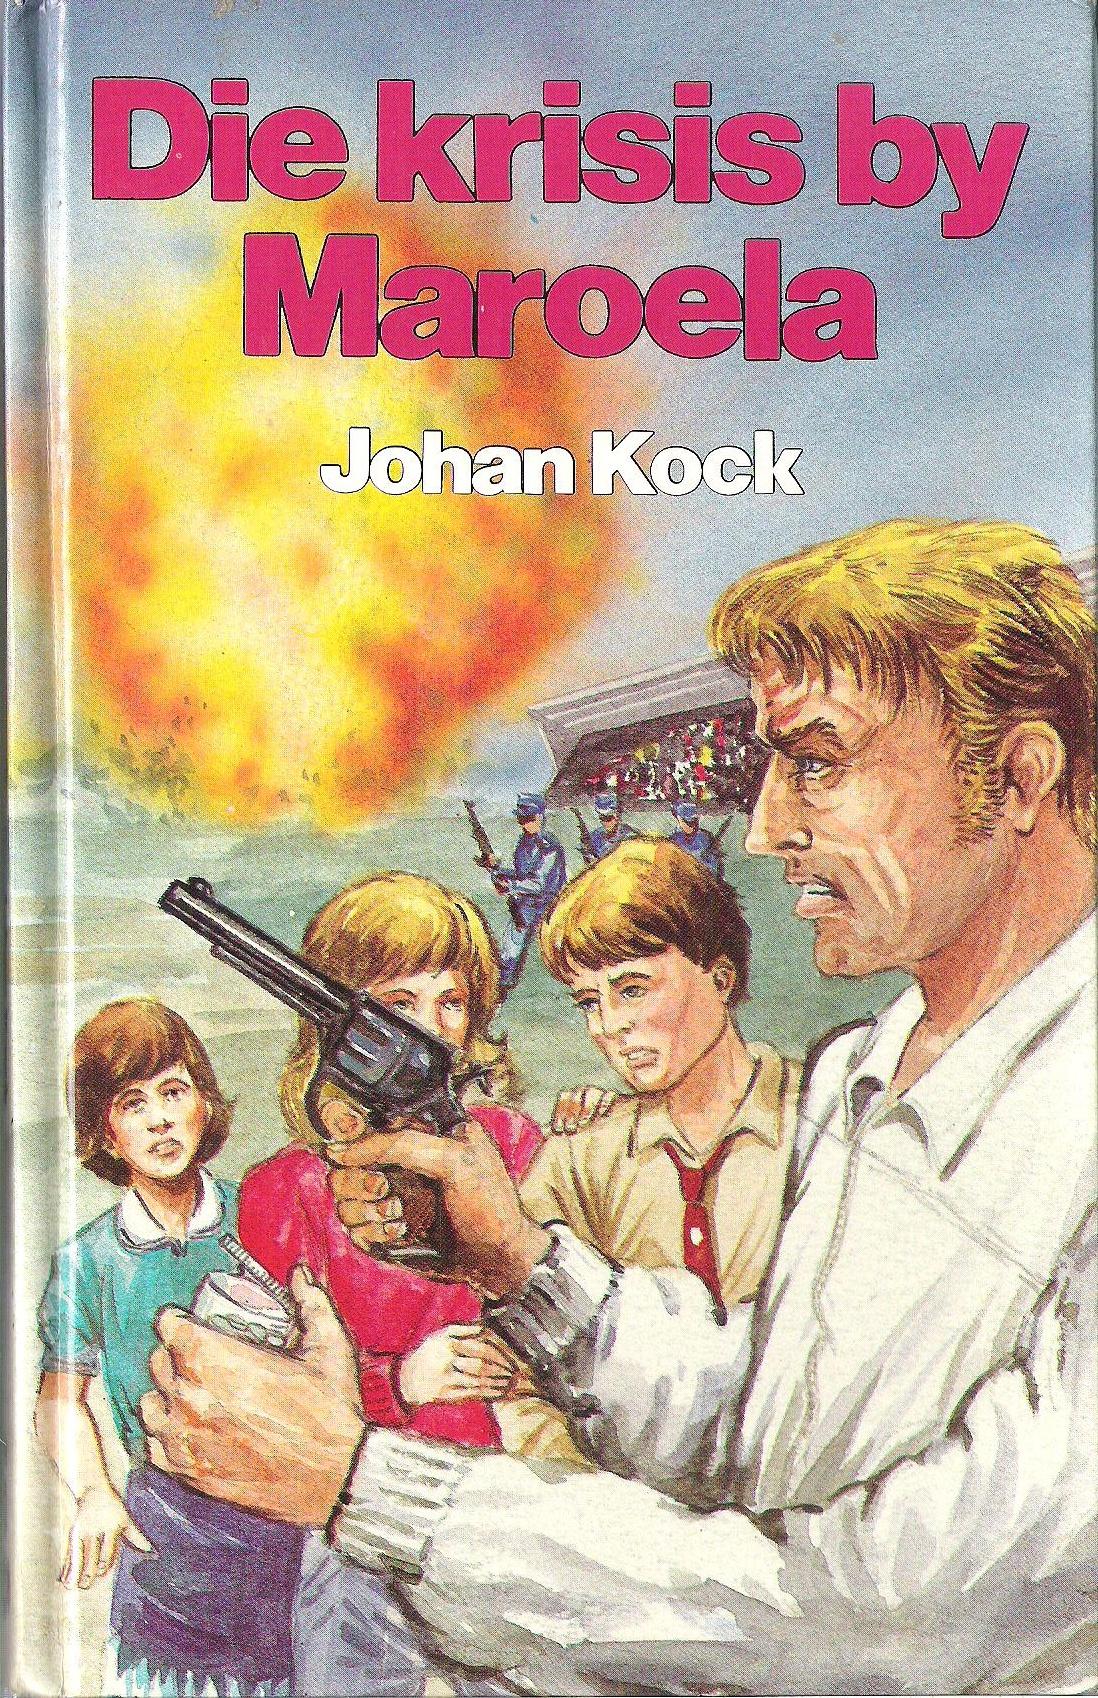 De jager haum isbn 07986 2974 6 –die krisis by maroela…johan kock